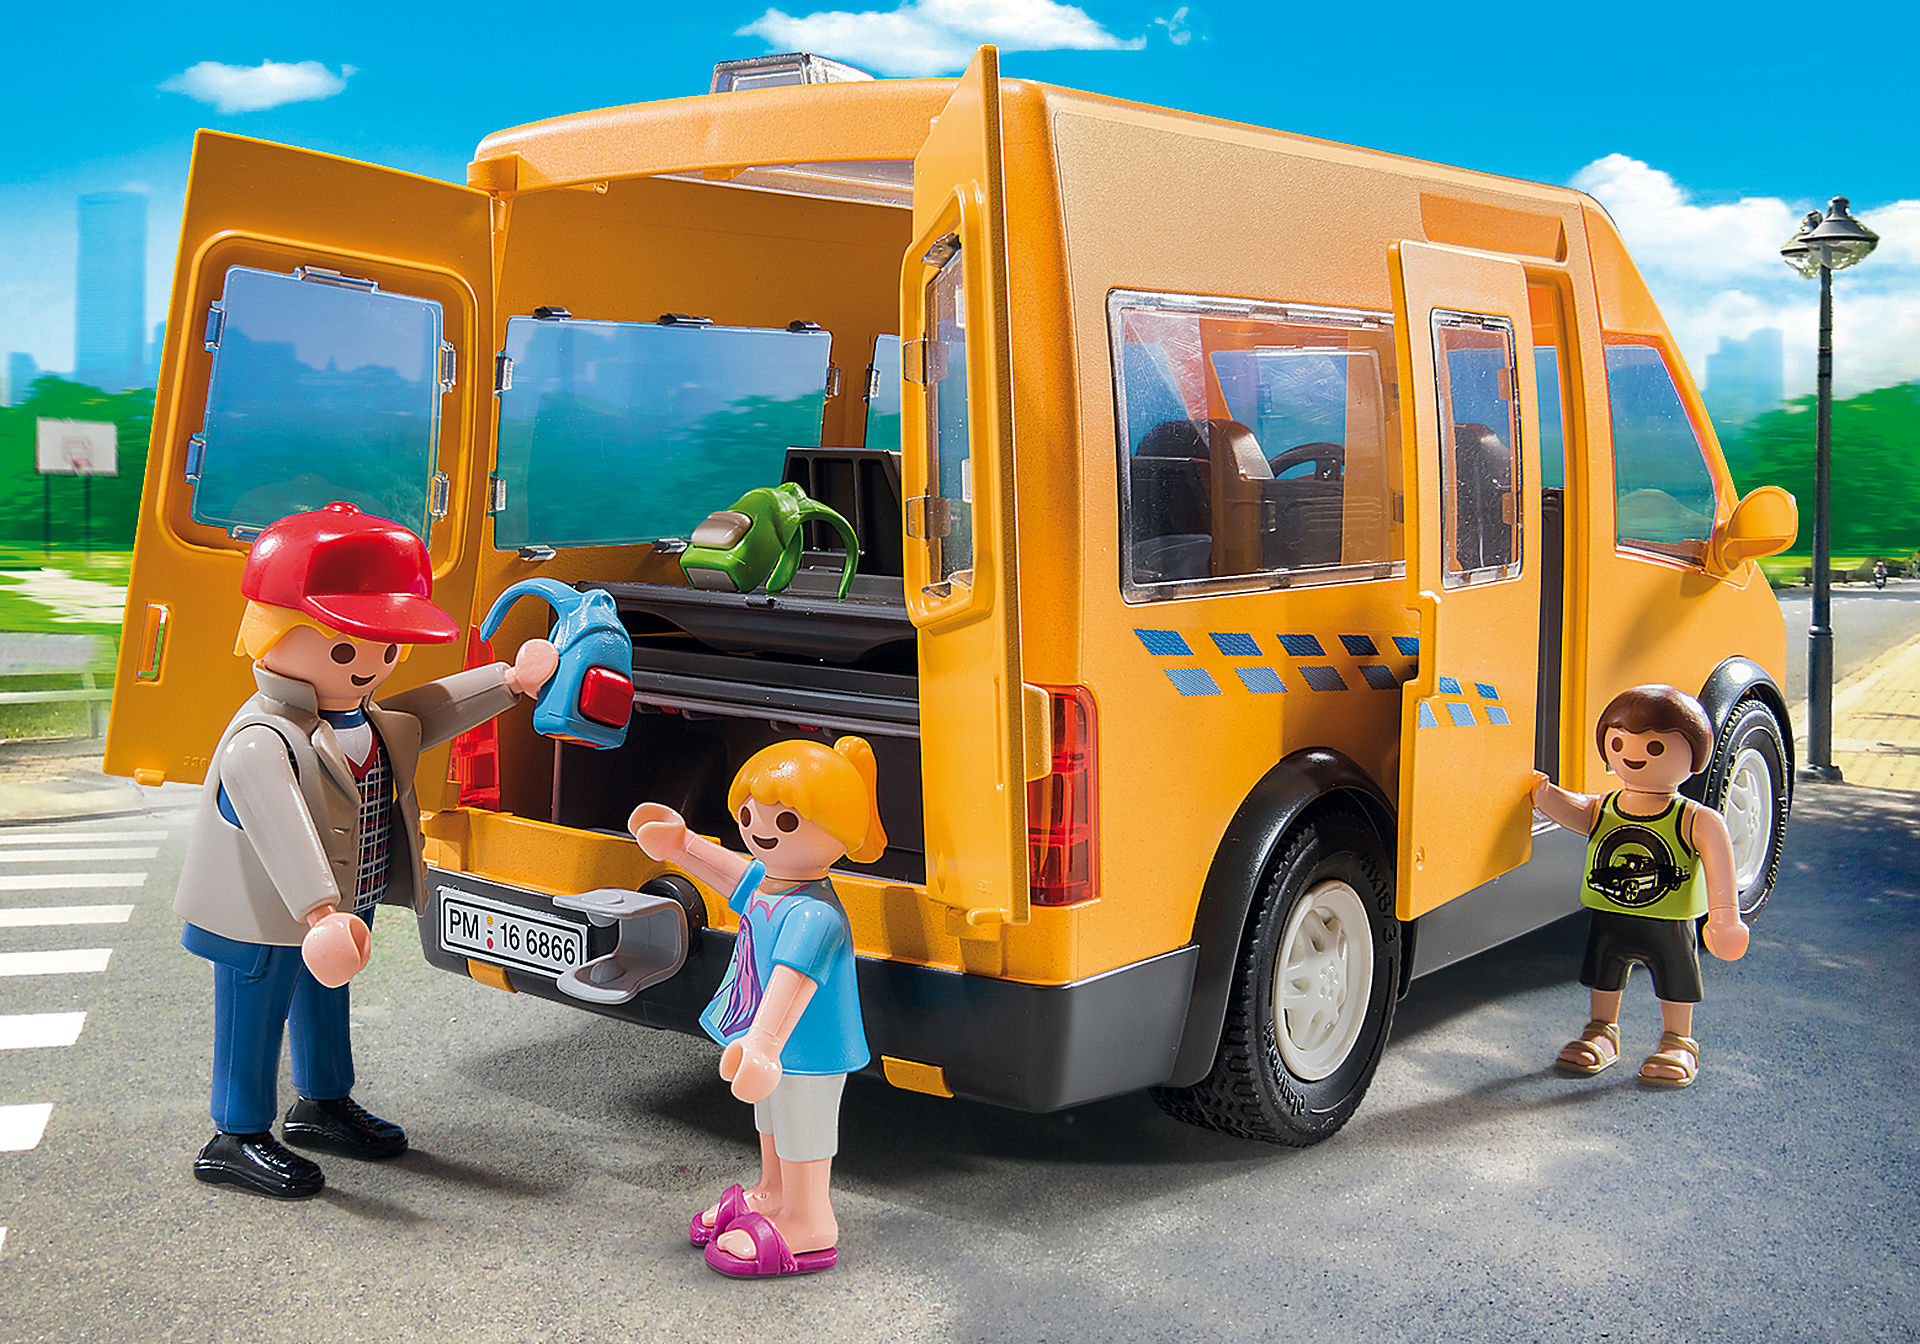 http://media.playmobil.com/i/playmobil/6866_product_extra1/Transporte escolar